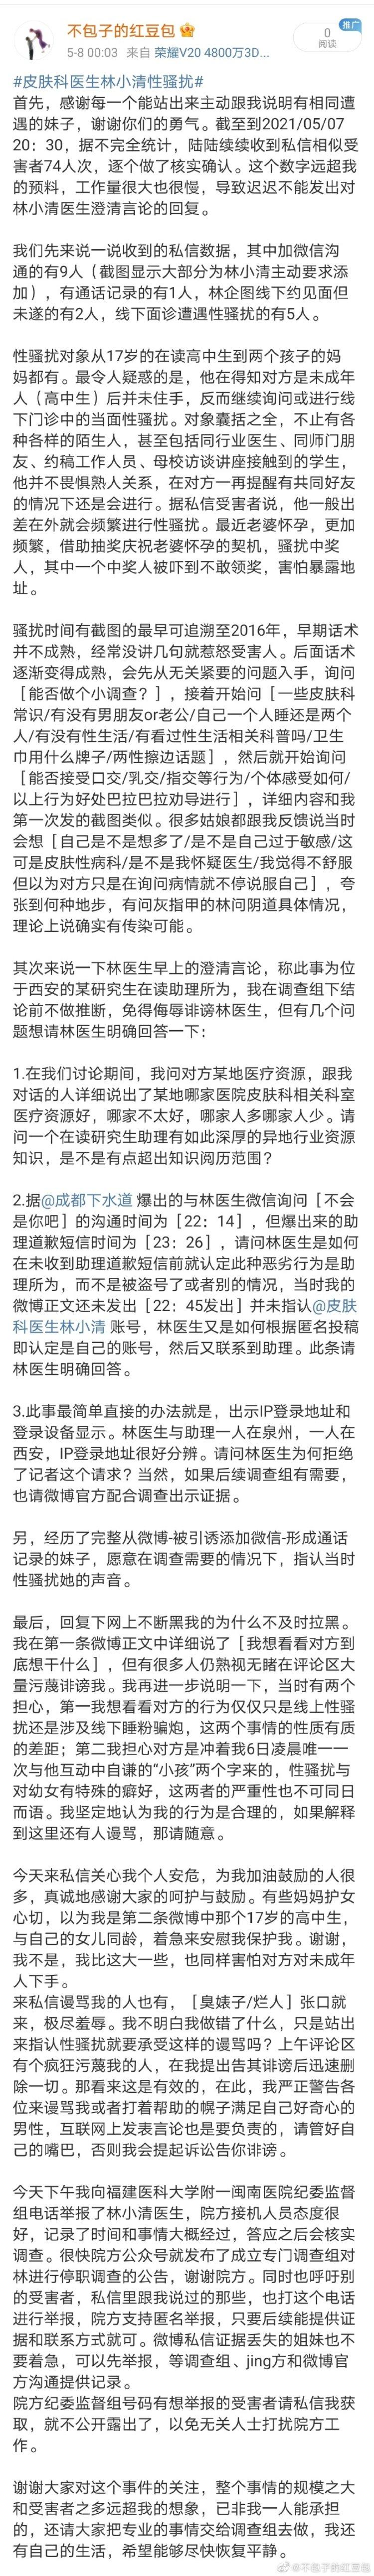 """相似受害者已有74人!医疗大V被曝""""深夜私信性骚扰""""后推助理顶罪?"""